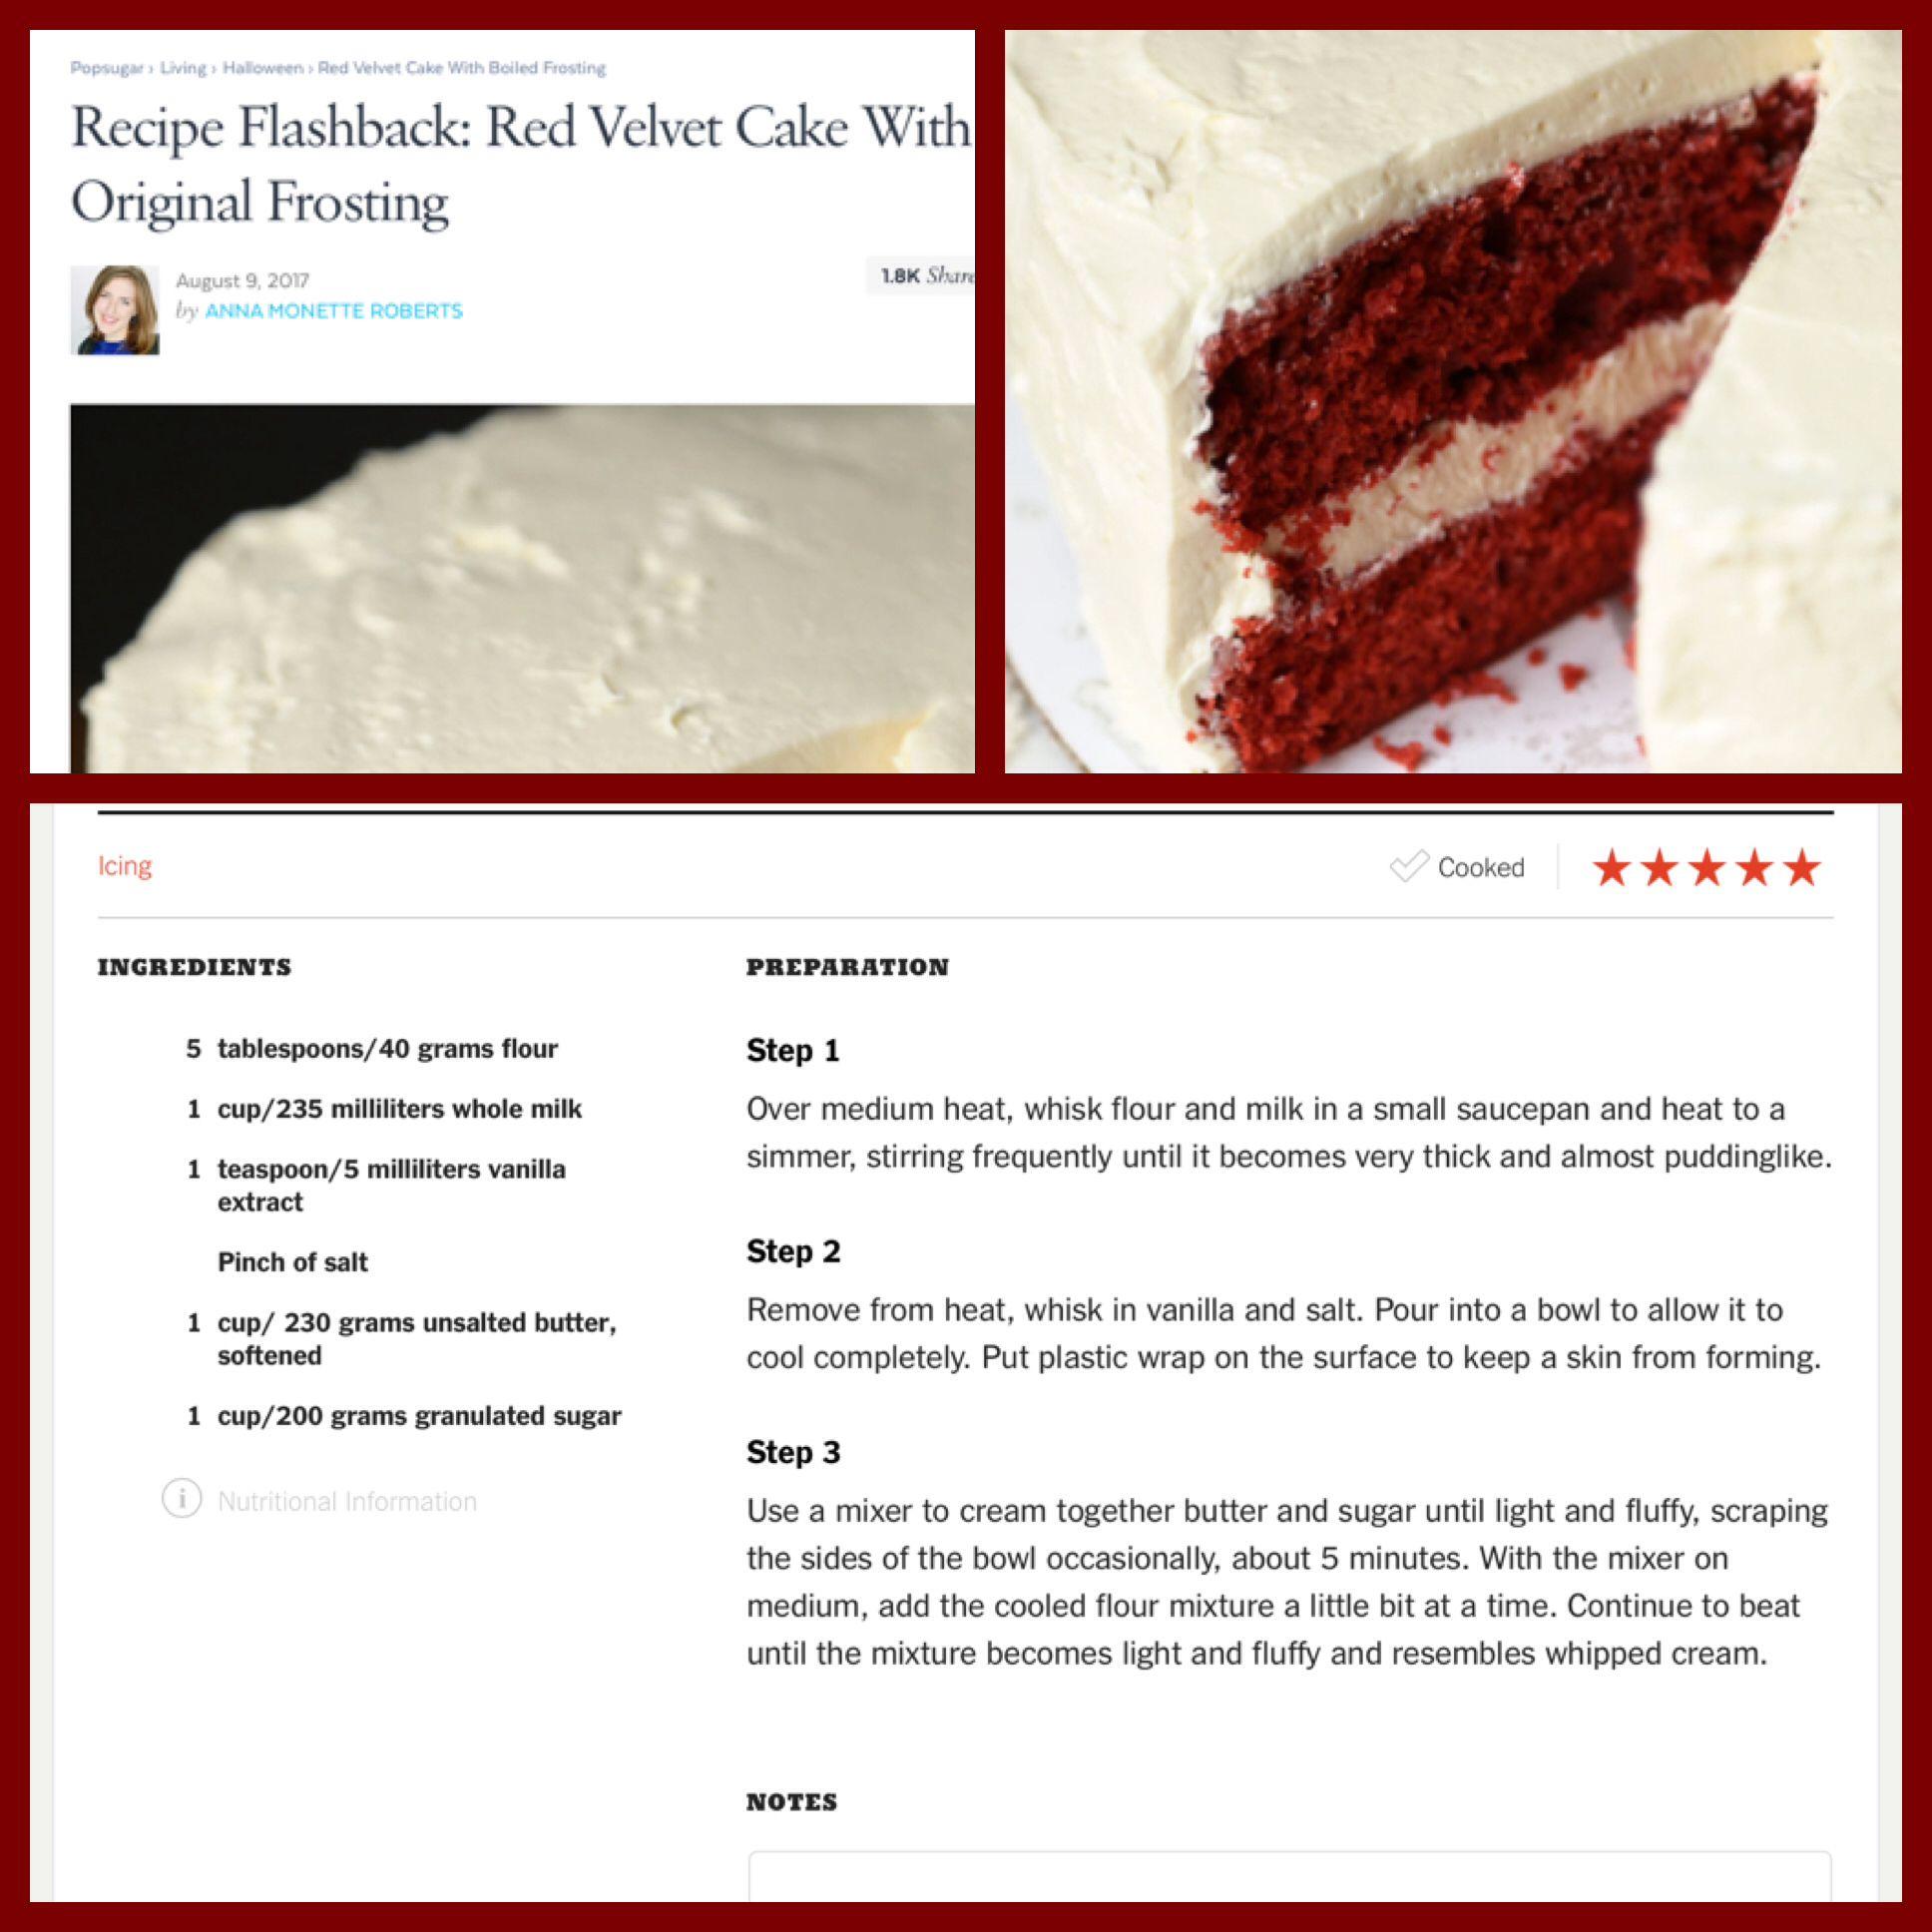 Original Red Velvet Cake Frosting Red Velvet Cake Frosting Red Velvet Cake Sweet Treats